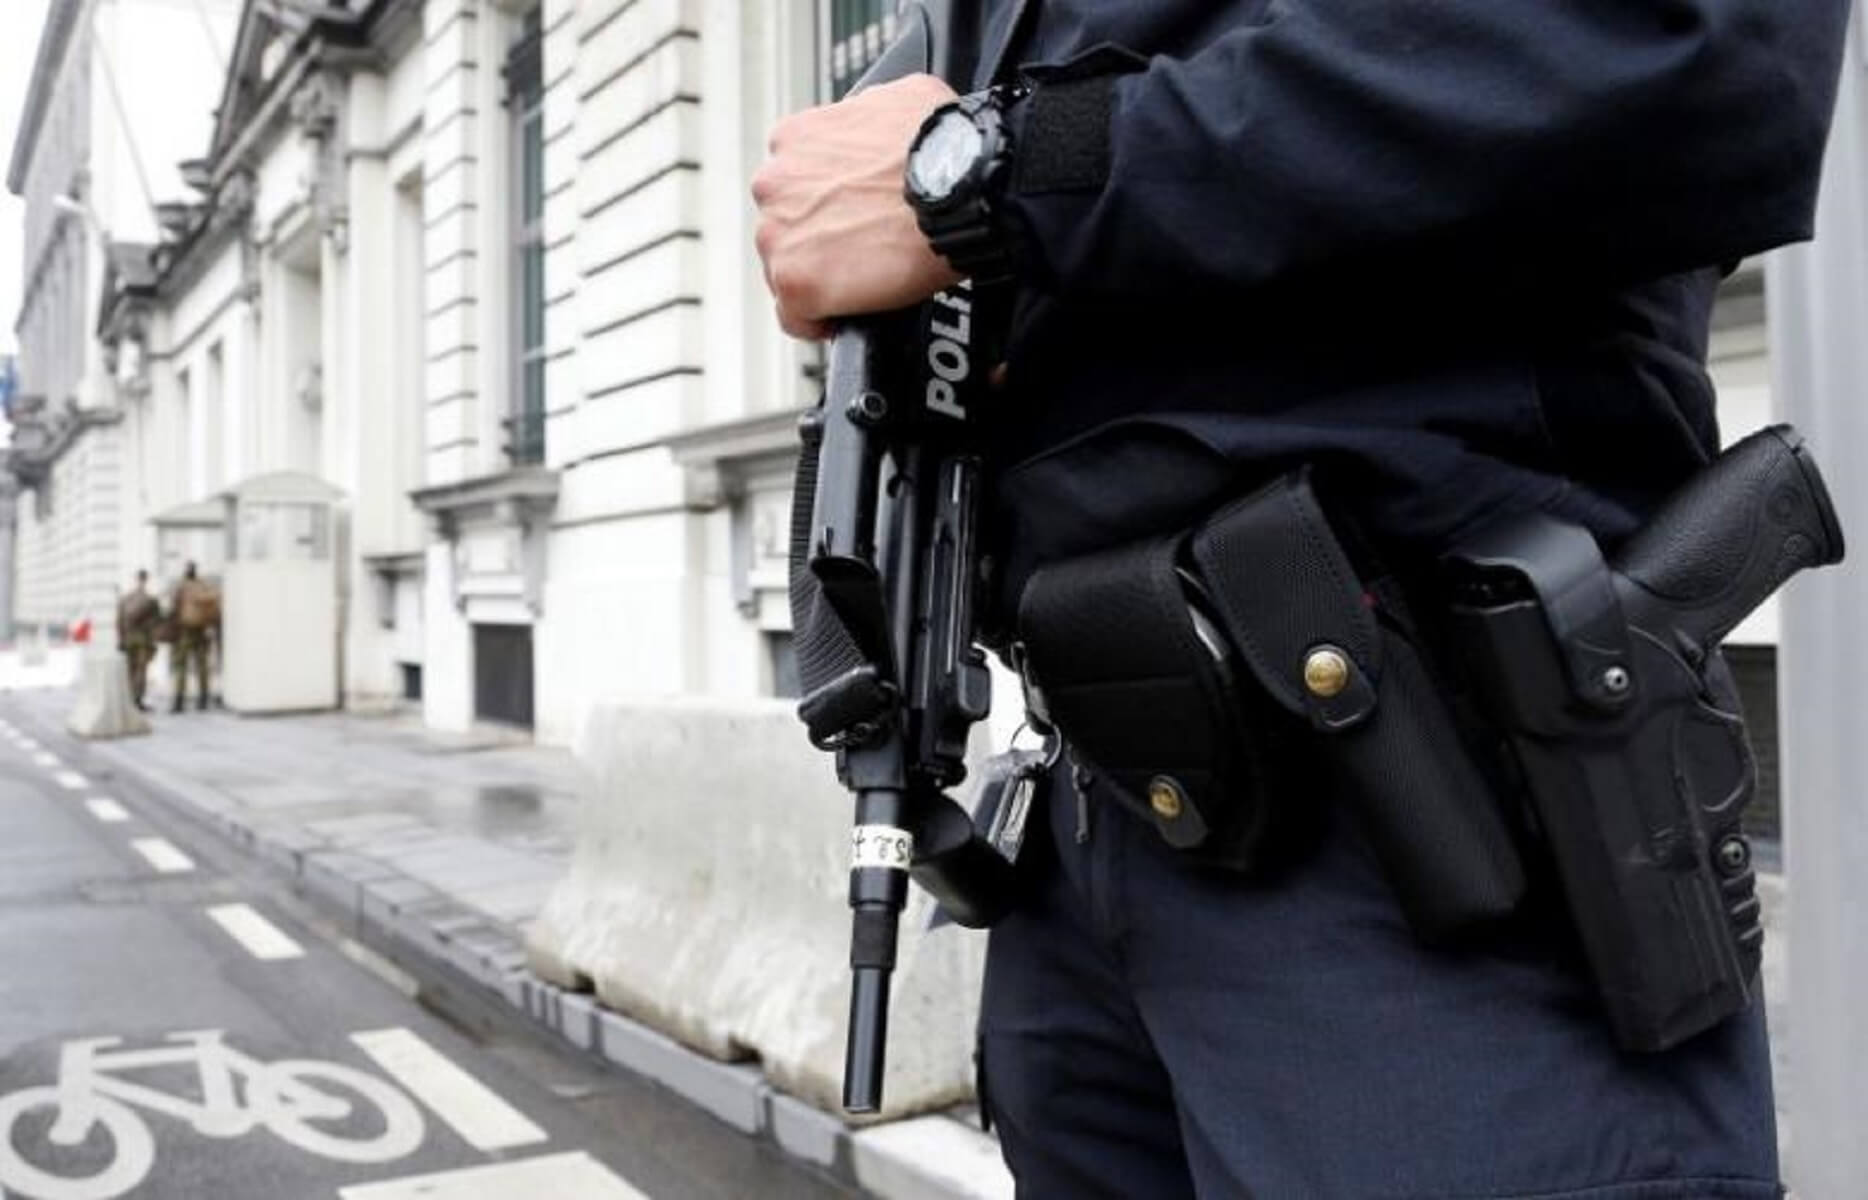 Γερμανία: Πυροβολισμοί στο Μόναχο – Πληροφορίες για νεκρούς